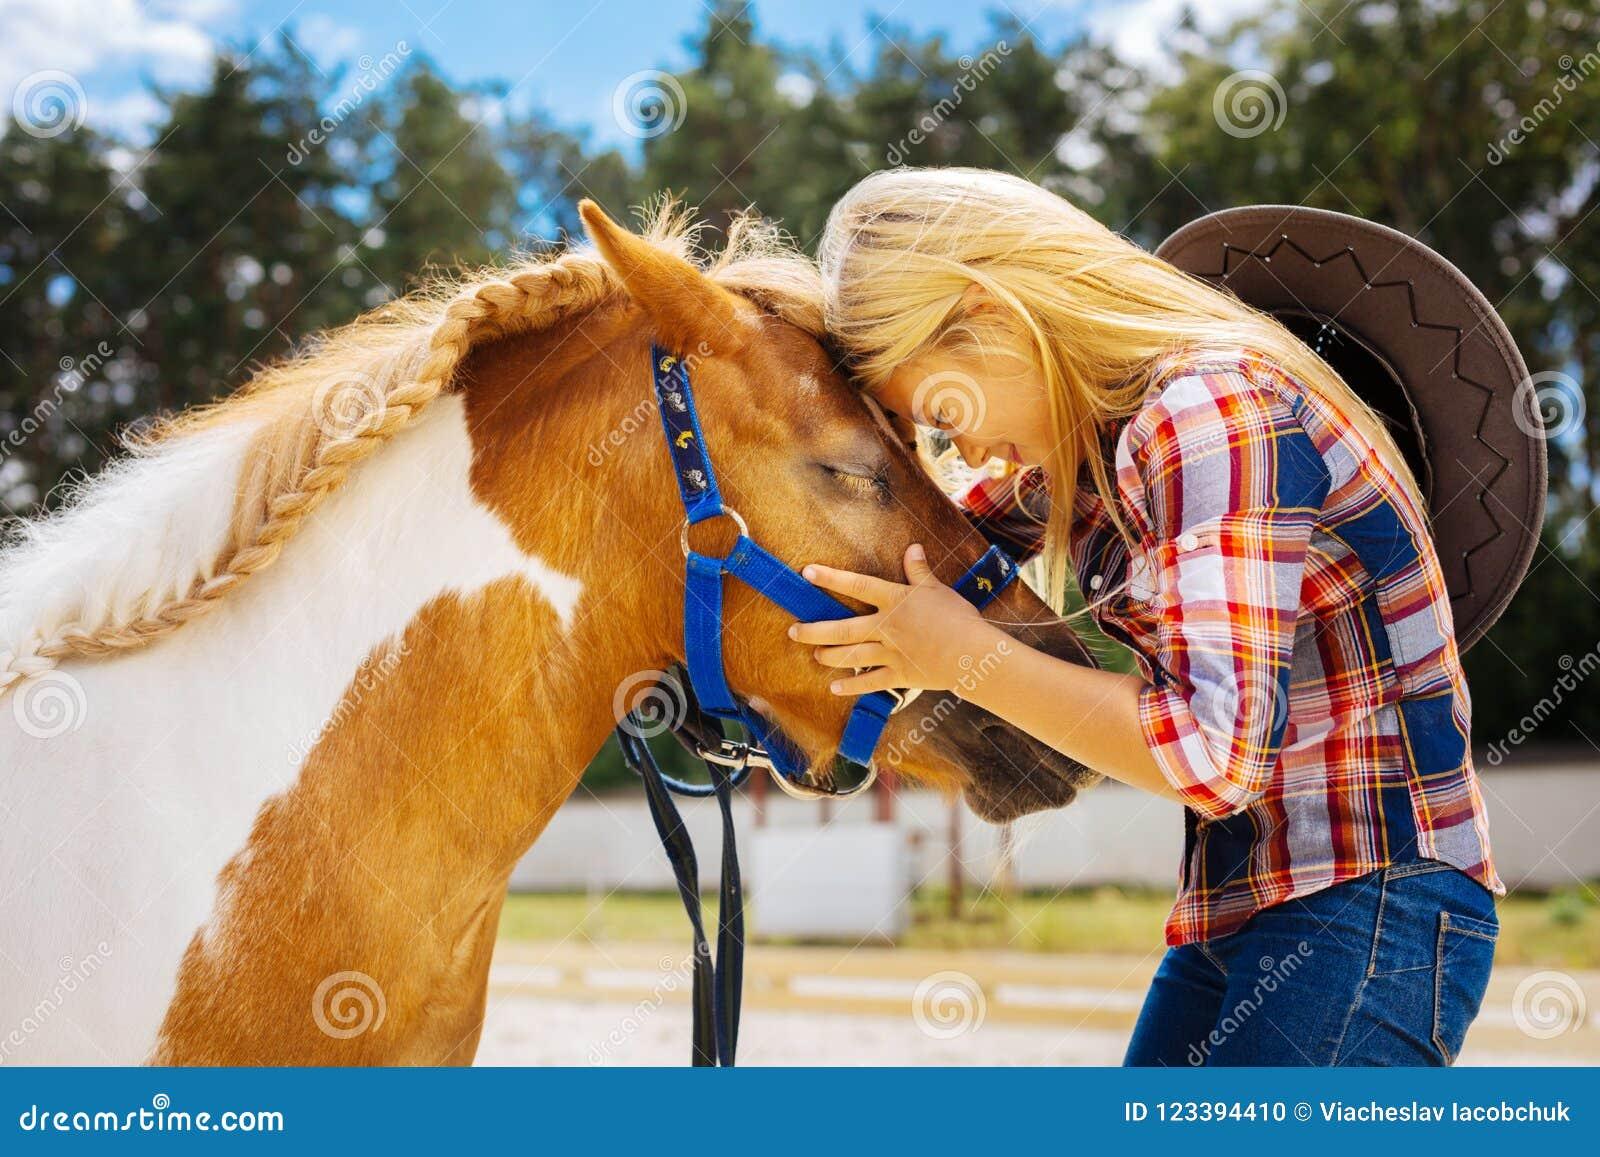 Fille de soin de cowboy se sentant émotive tout en voyant son poney mignon